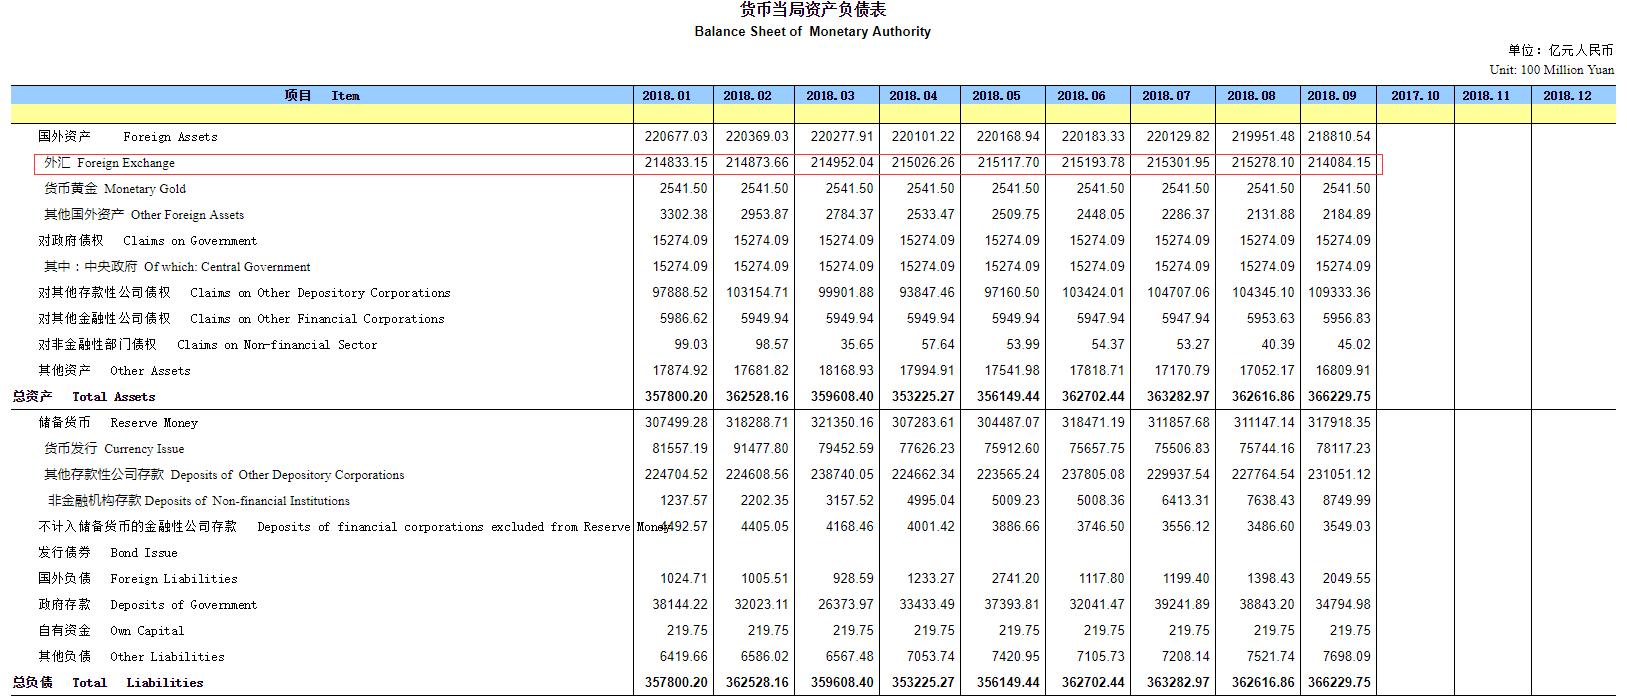 9月央行口径外汇占款减少近1200亿元 创2017年1月以来最大降幅